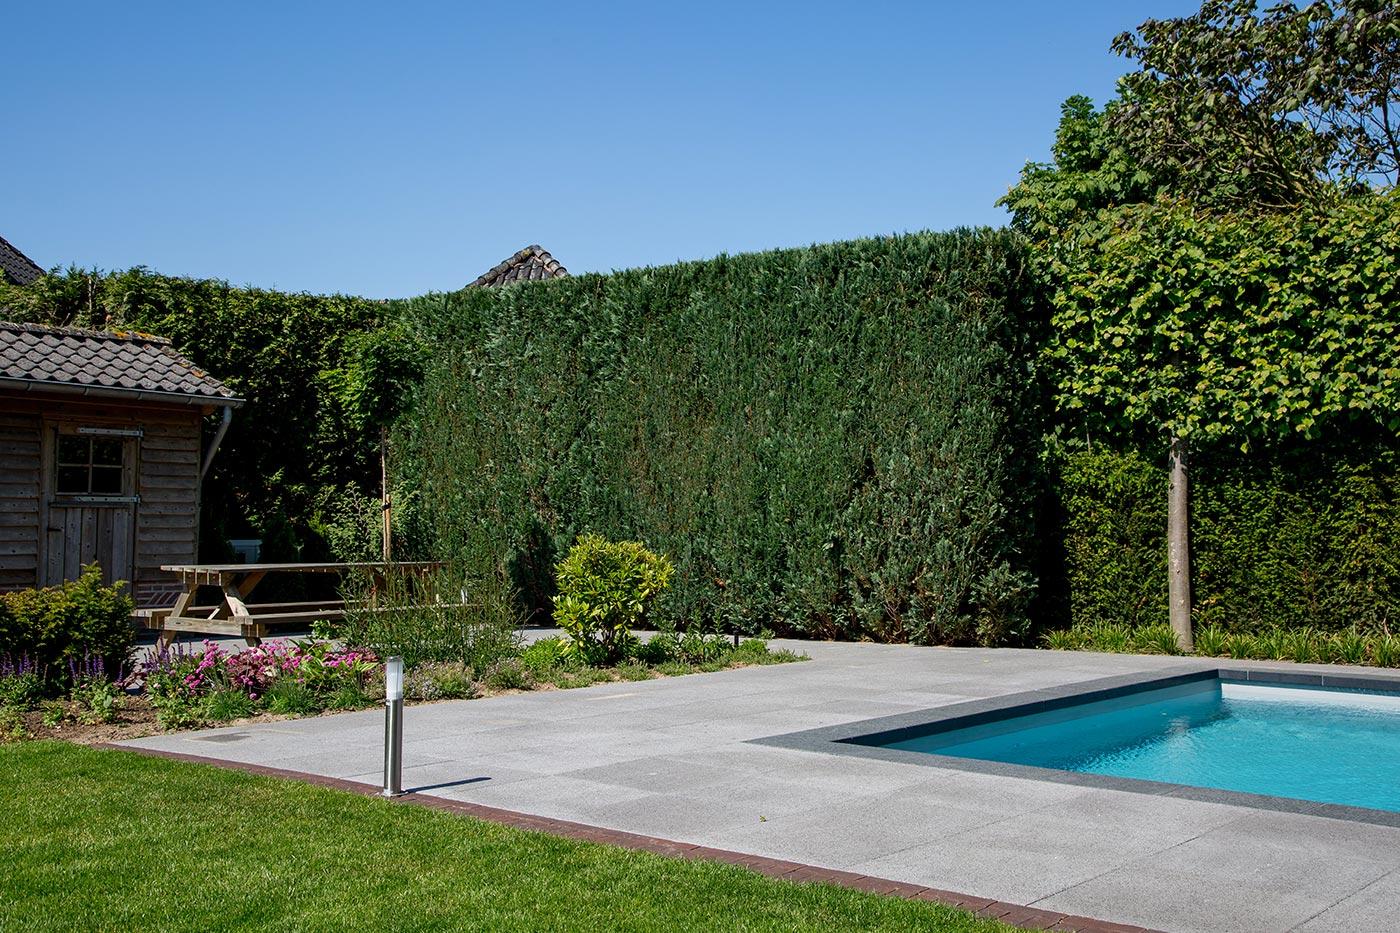 Kosten priv zwembad - Klein zwembad in de kleine tuin ...